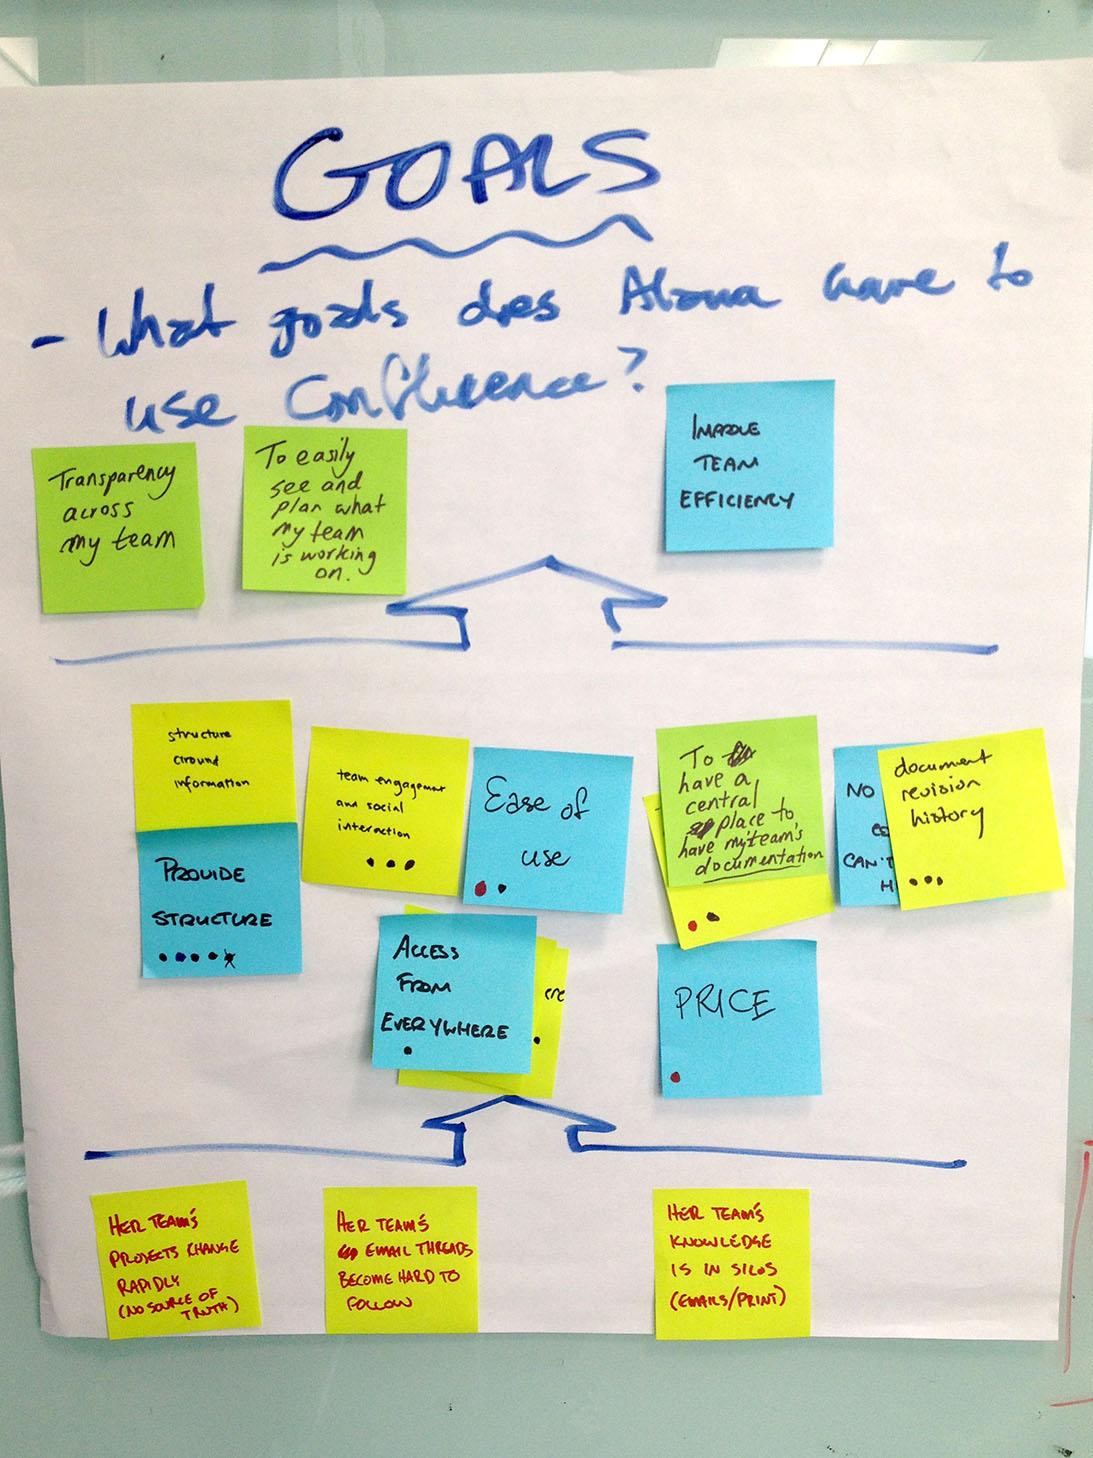 ユーザーのバックストーリーを作成することは、ユーザー ジャーニー マッピングの重要な部分です。